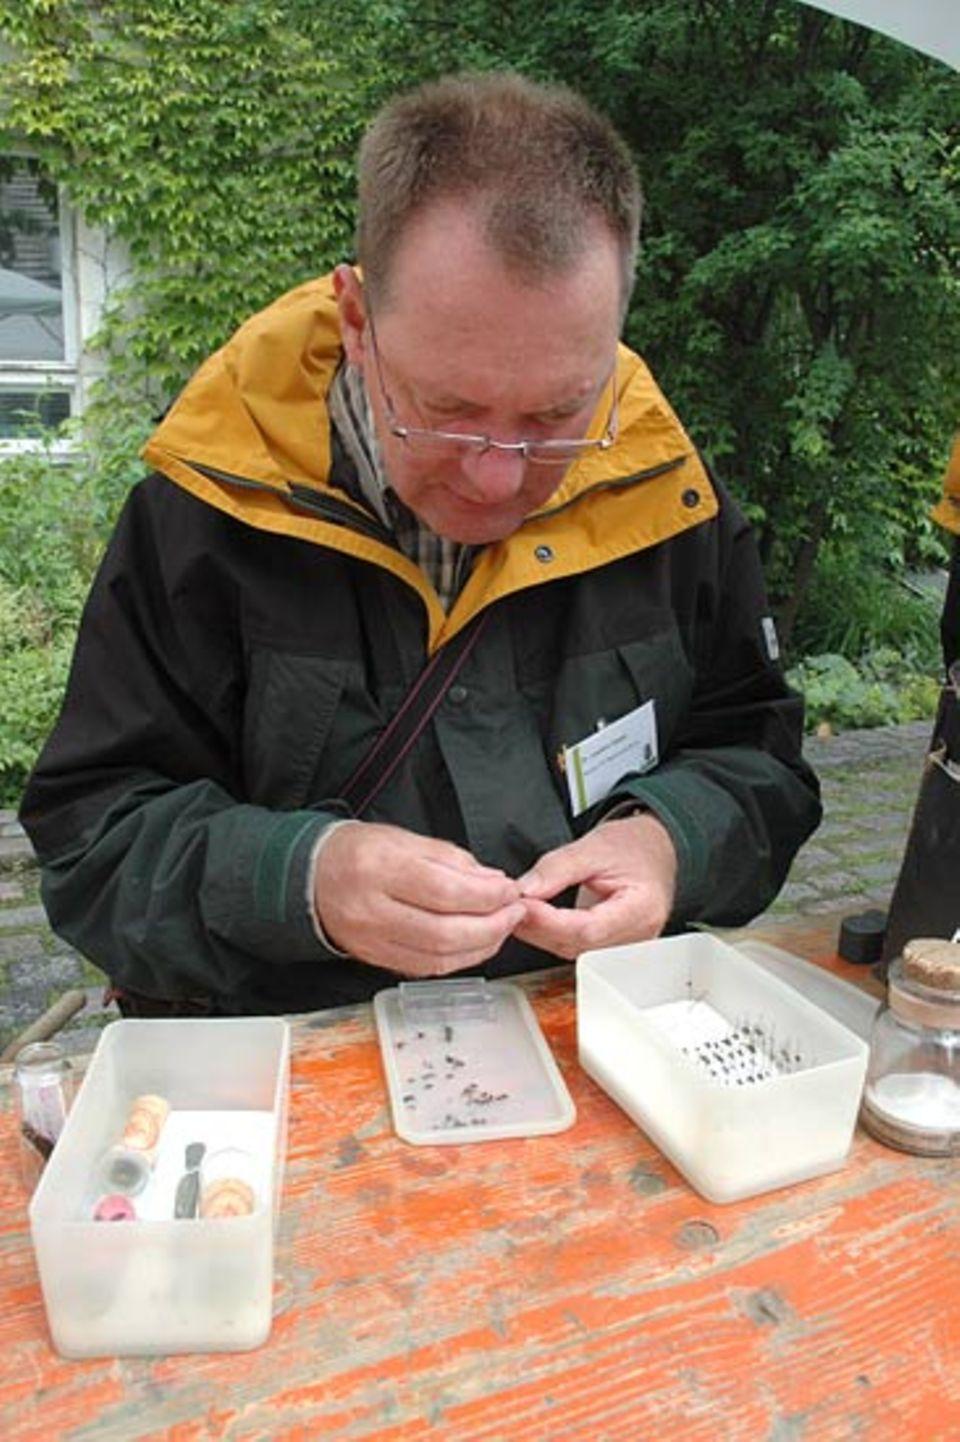 """Der Fliegenexperte Dr. Joachim Ziegler """"nadelt"""" seine Funde, d. h. nach dem Abtöten der Fliegen werden sie auf feine Nadeln gespießt um sie in eine endomologische Sammlung einzugliedern"""